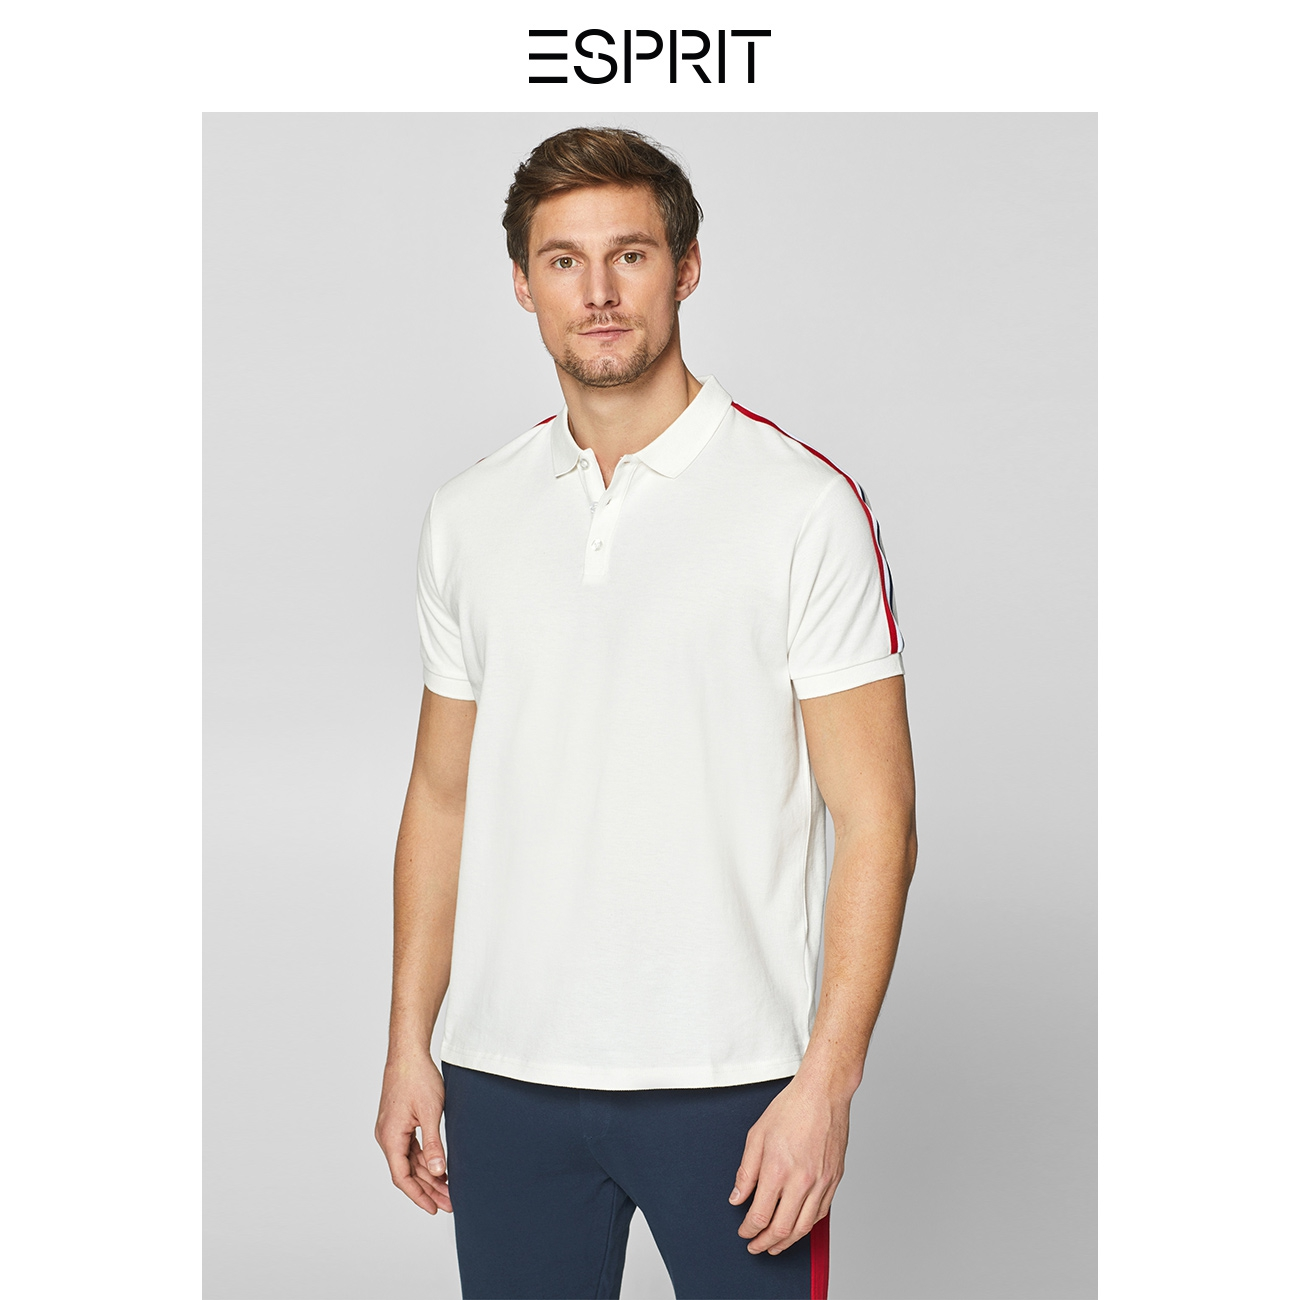 ESPRIT潮流時尚純棉個性翻領短袖T恤男純色polo衫拼,降價幅度50.3%